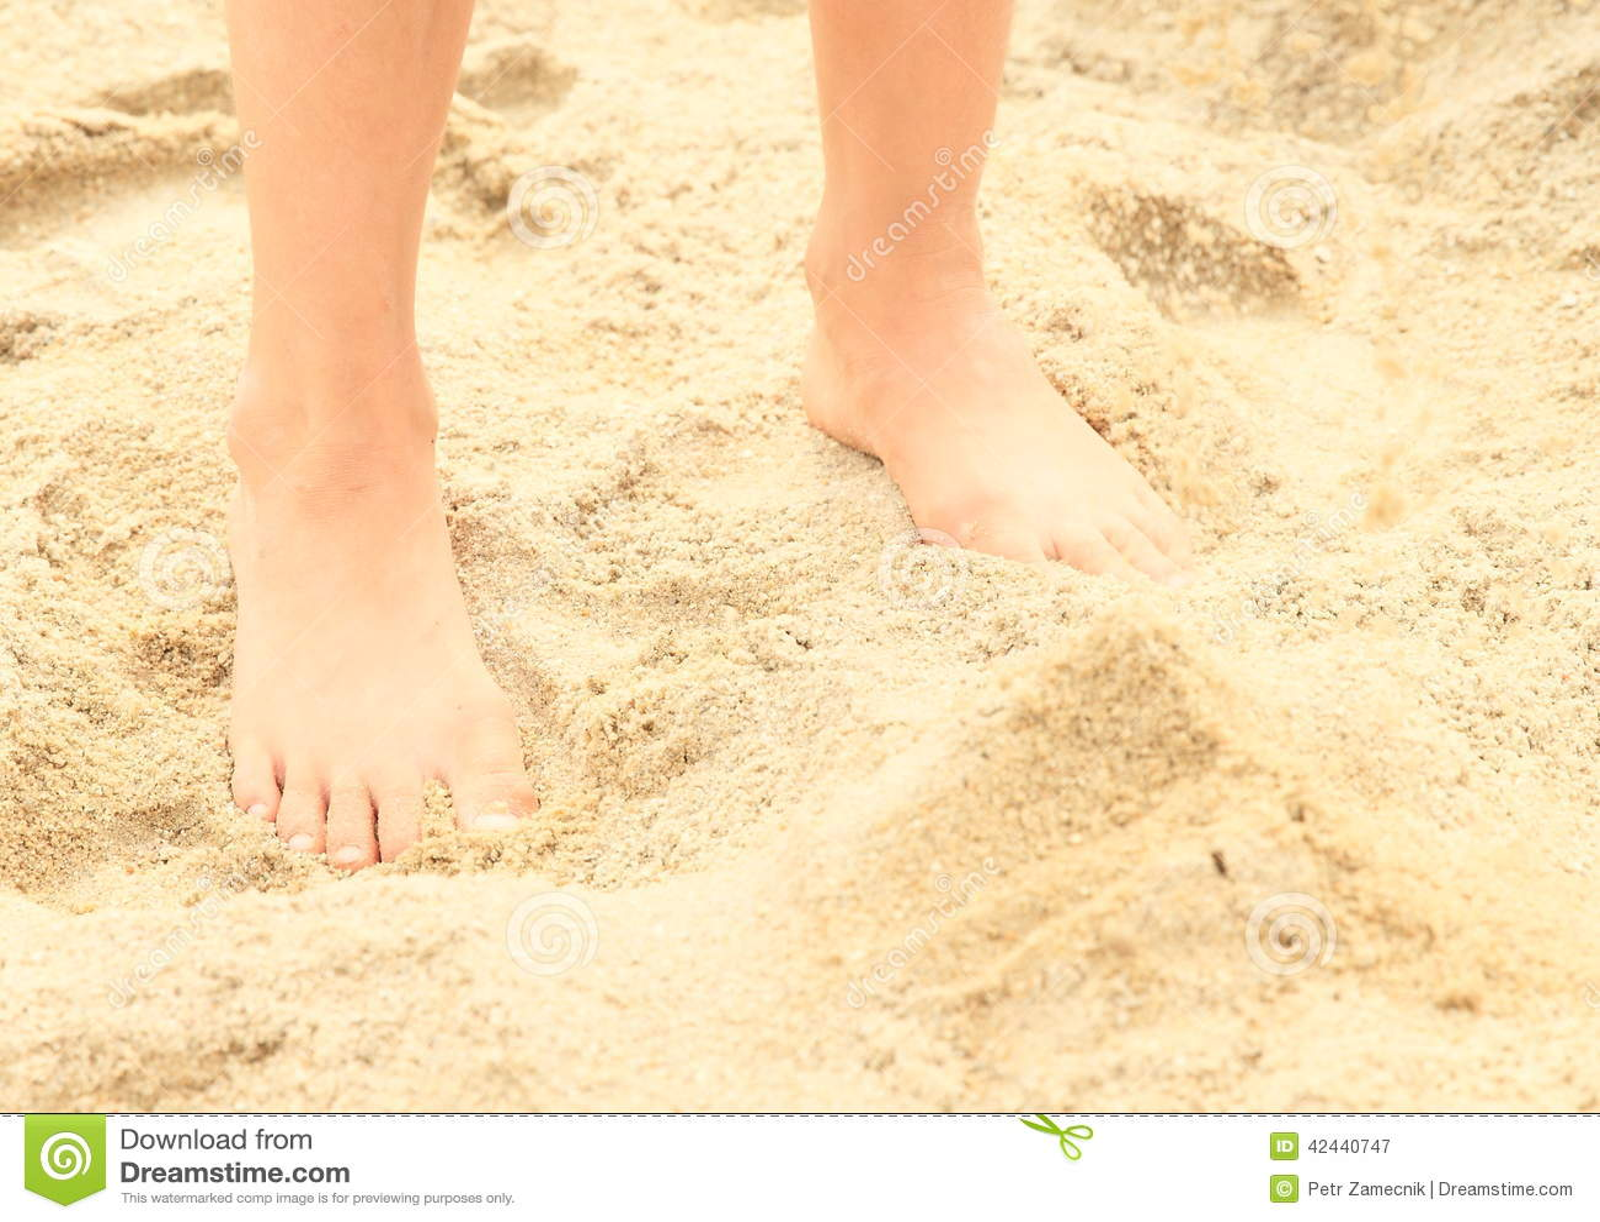 Pies descubiertos en la arena